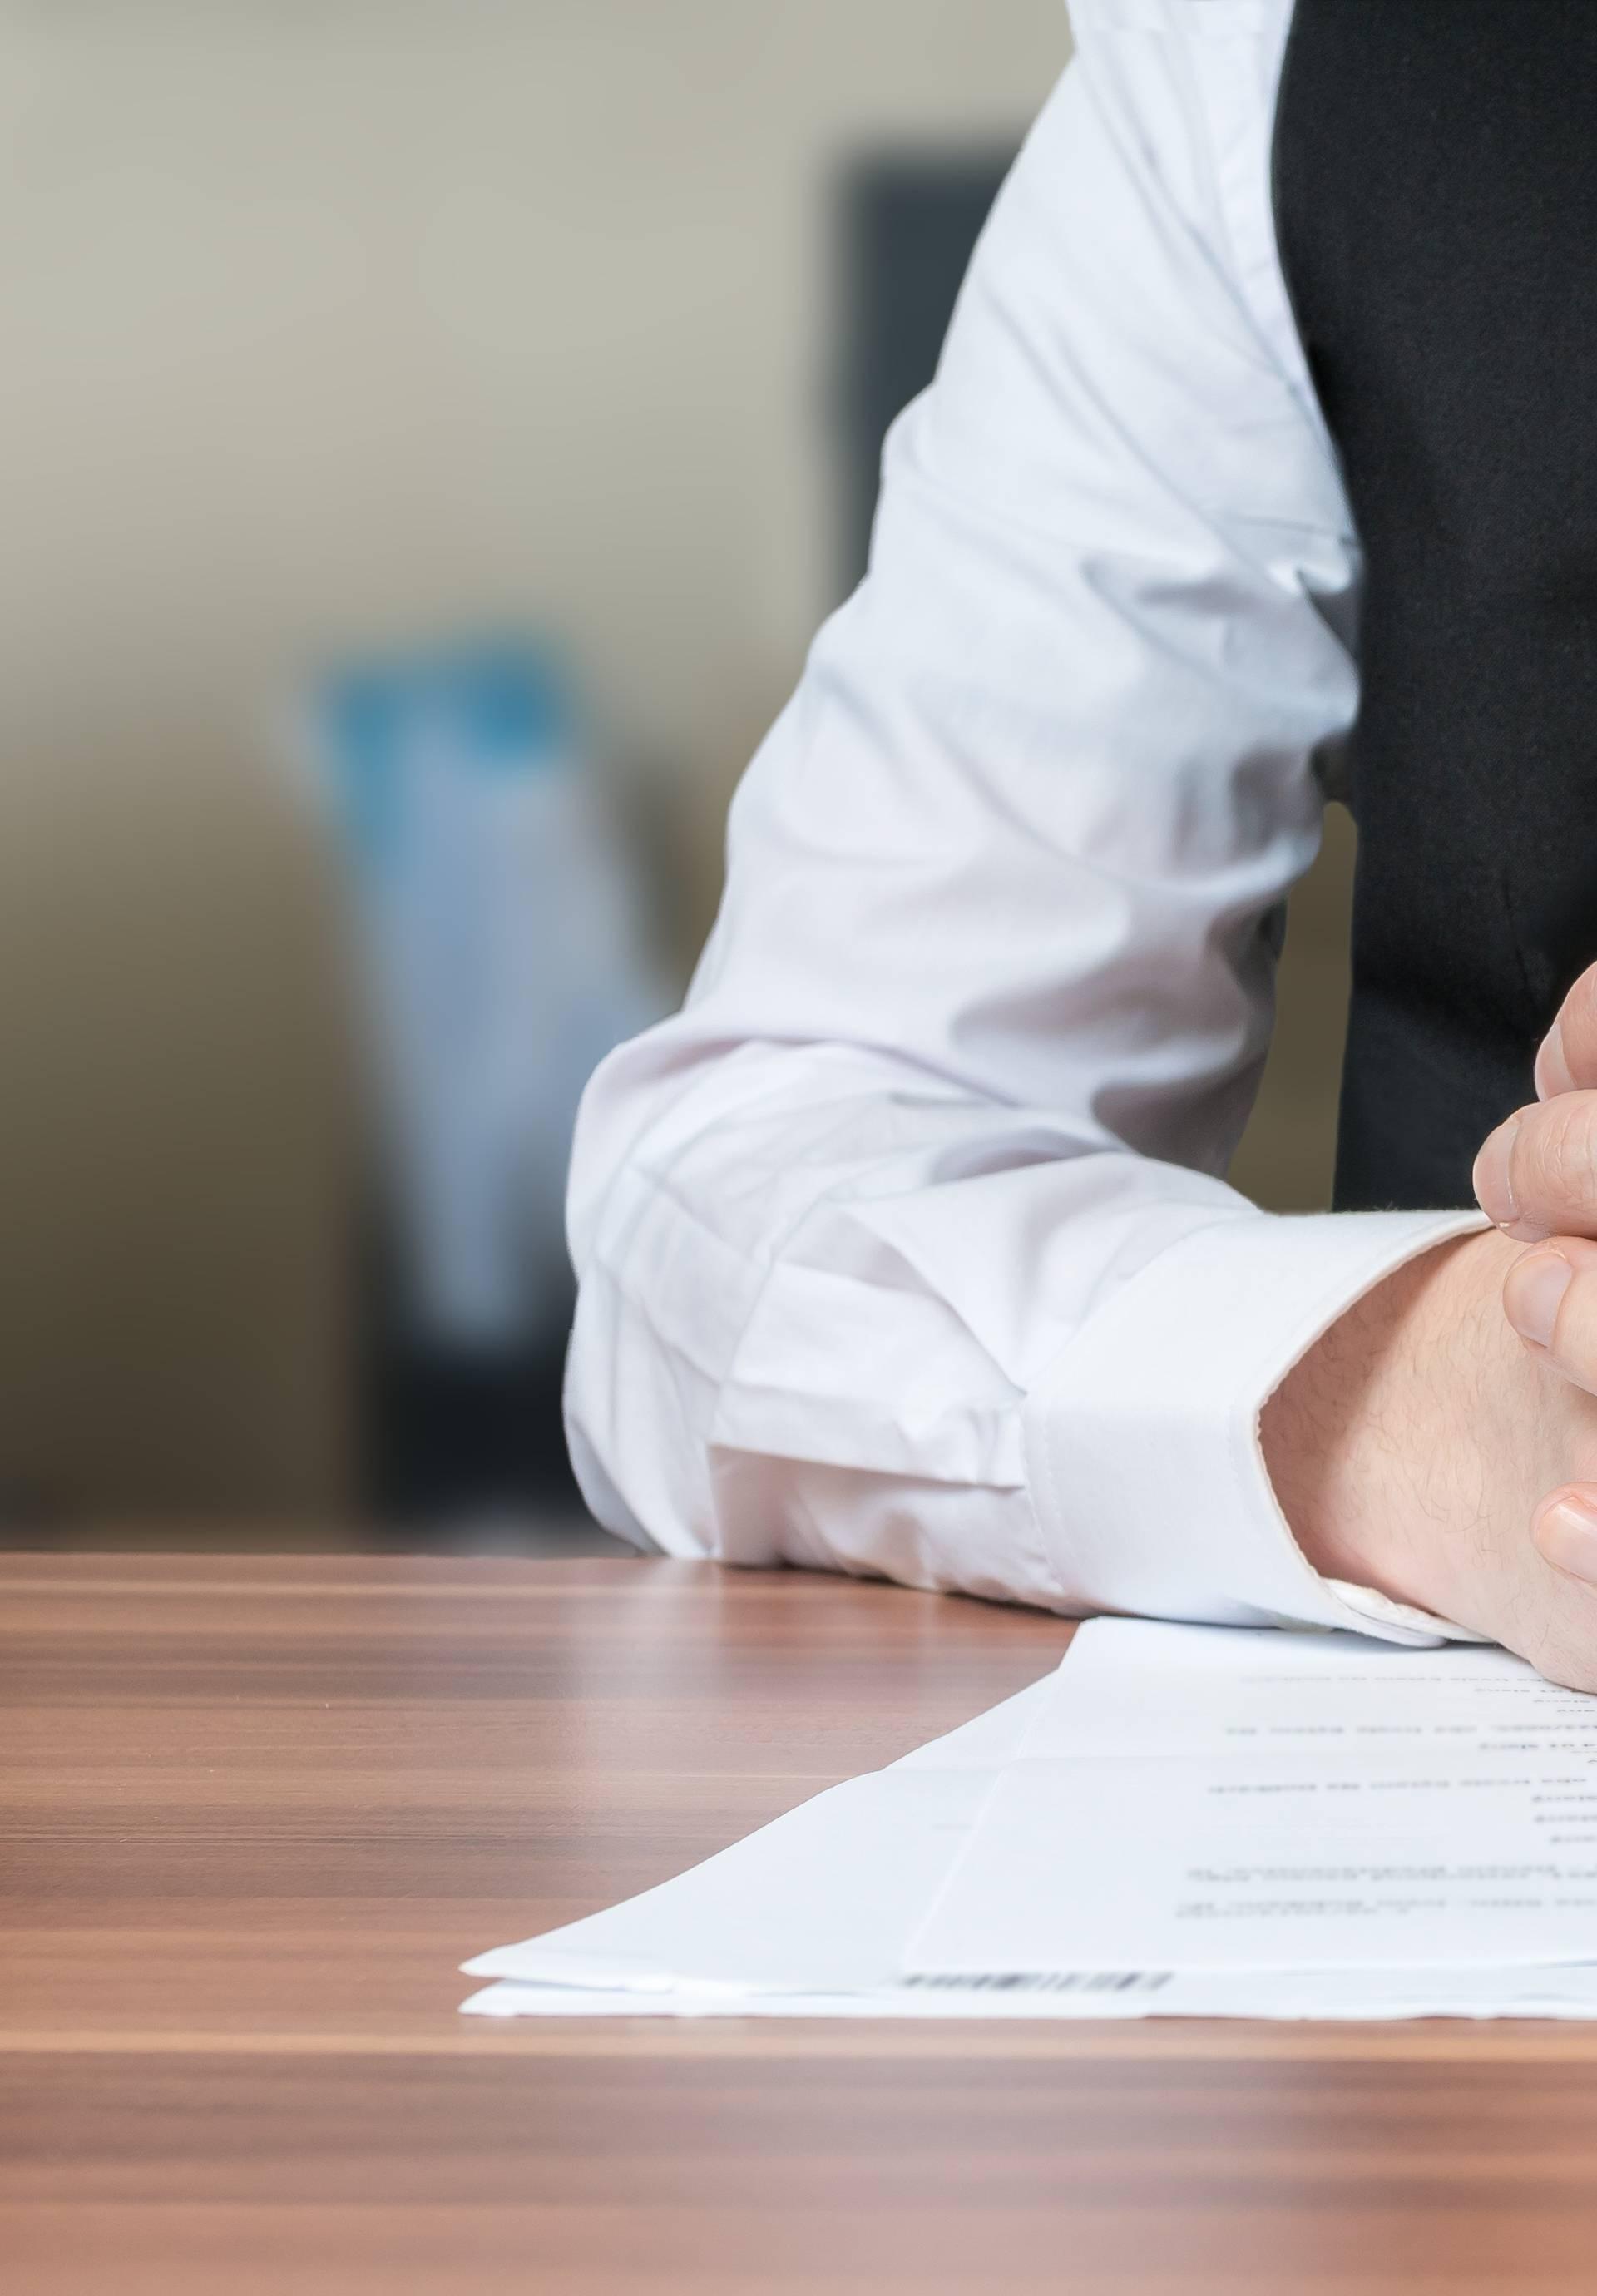 Ovih pet karakteristika možete otkriti o muškarcu iz prstiju